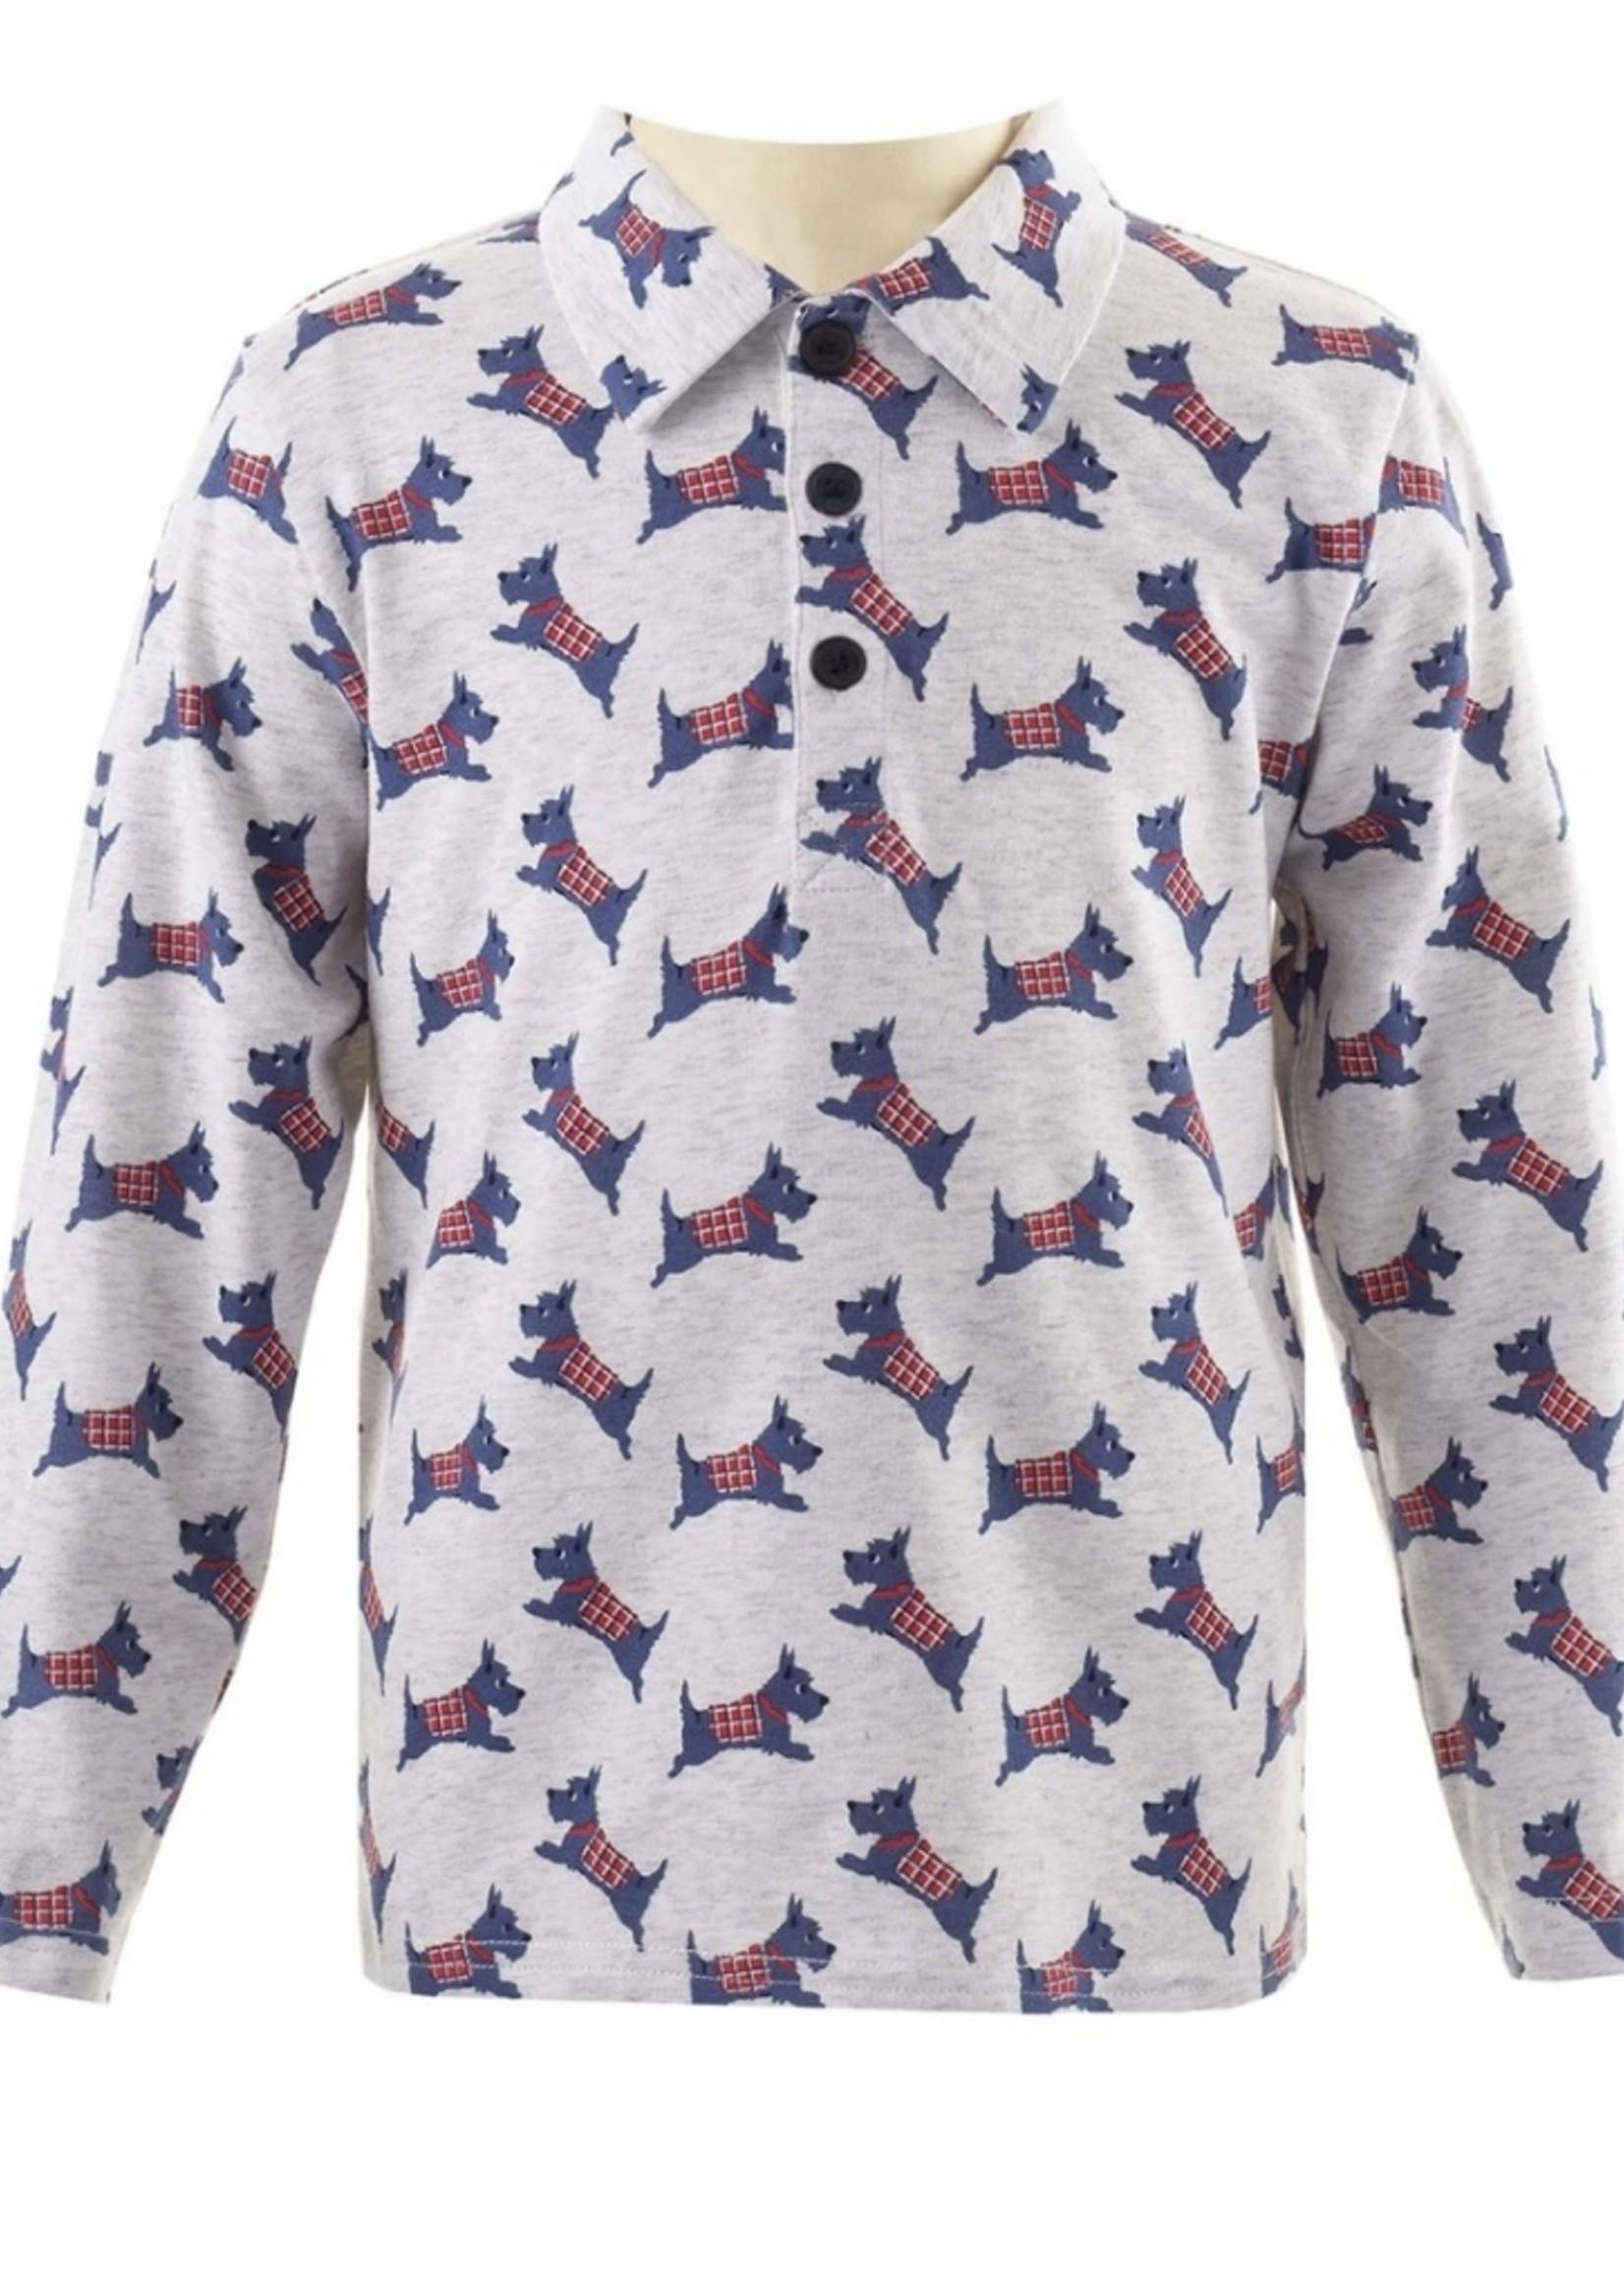 Scottie Dog Polo Shirt Grey